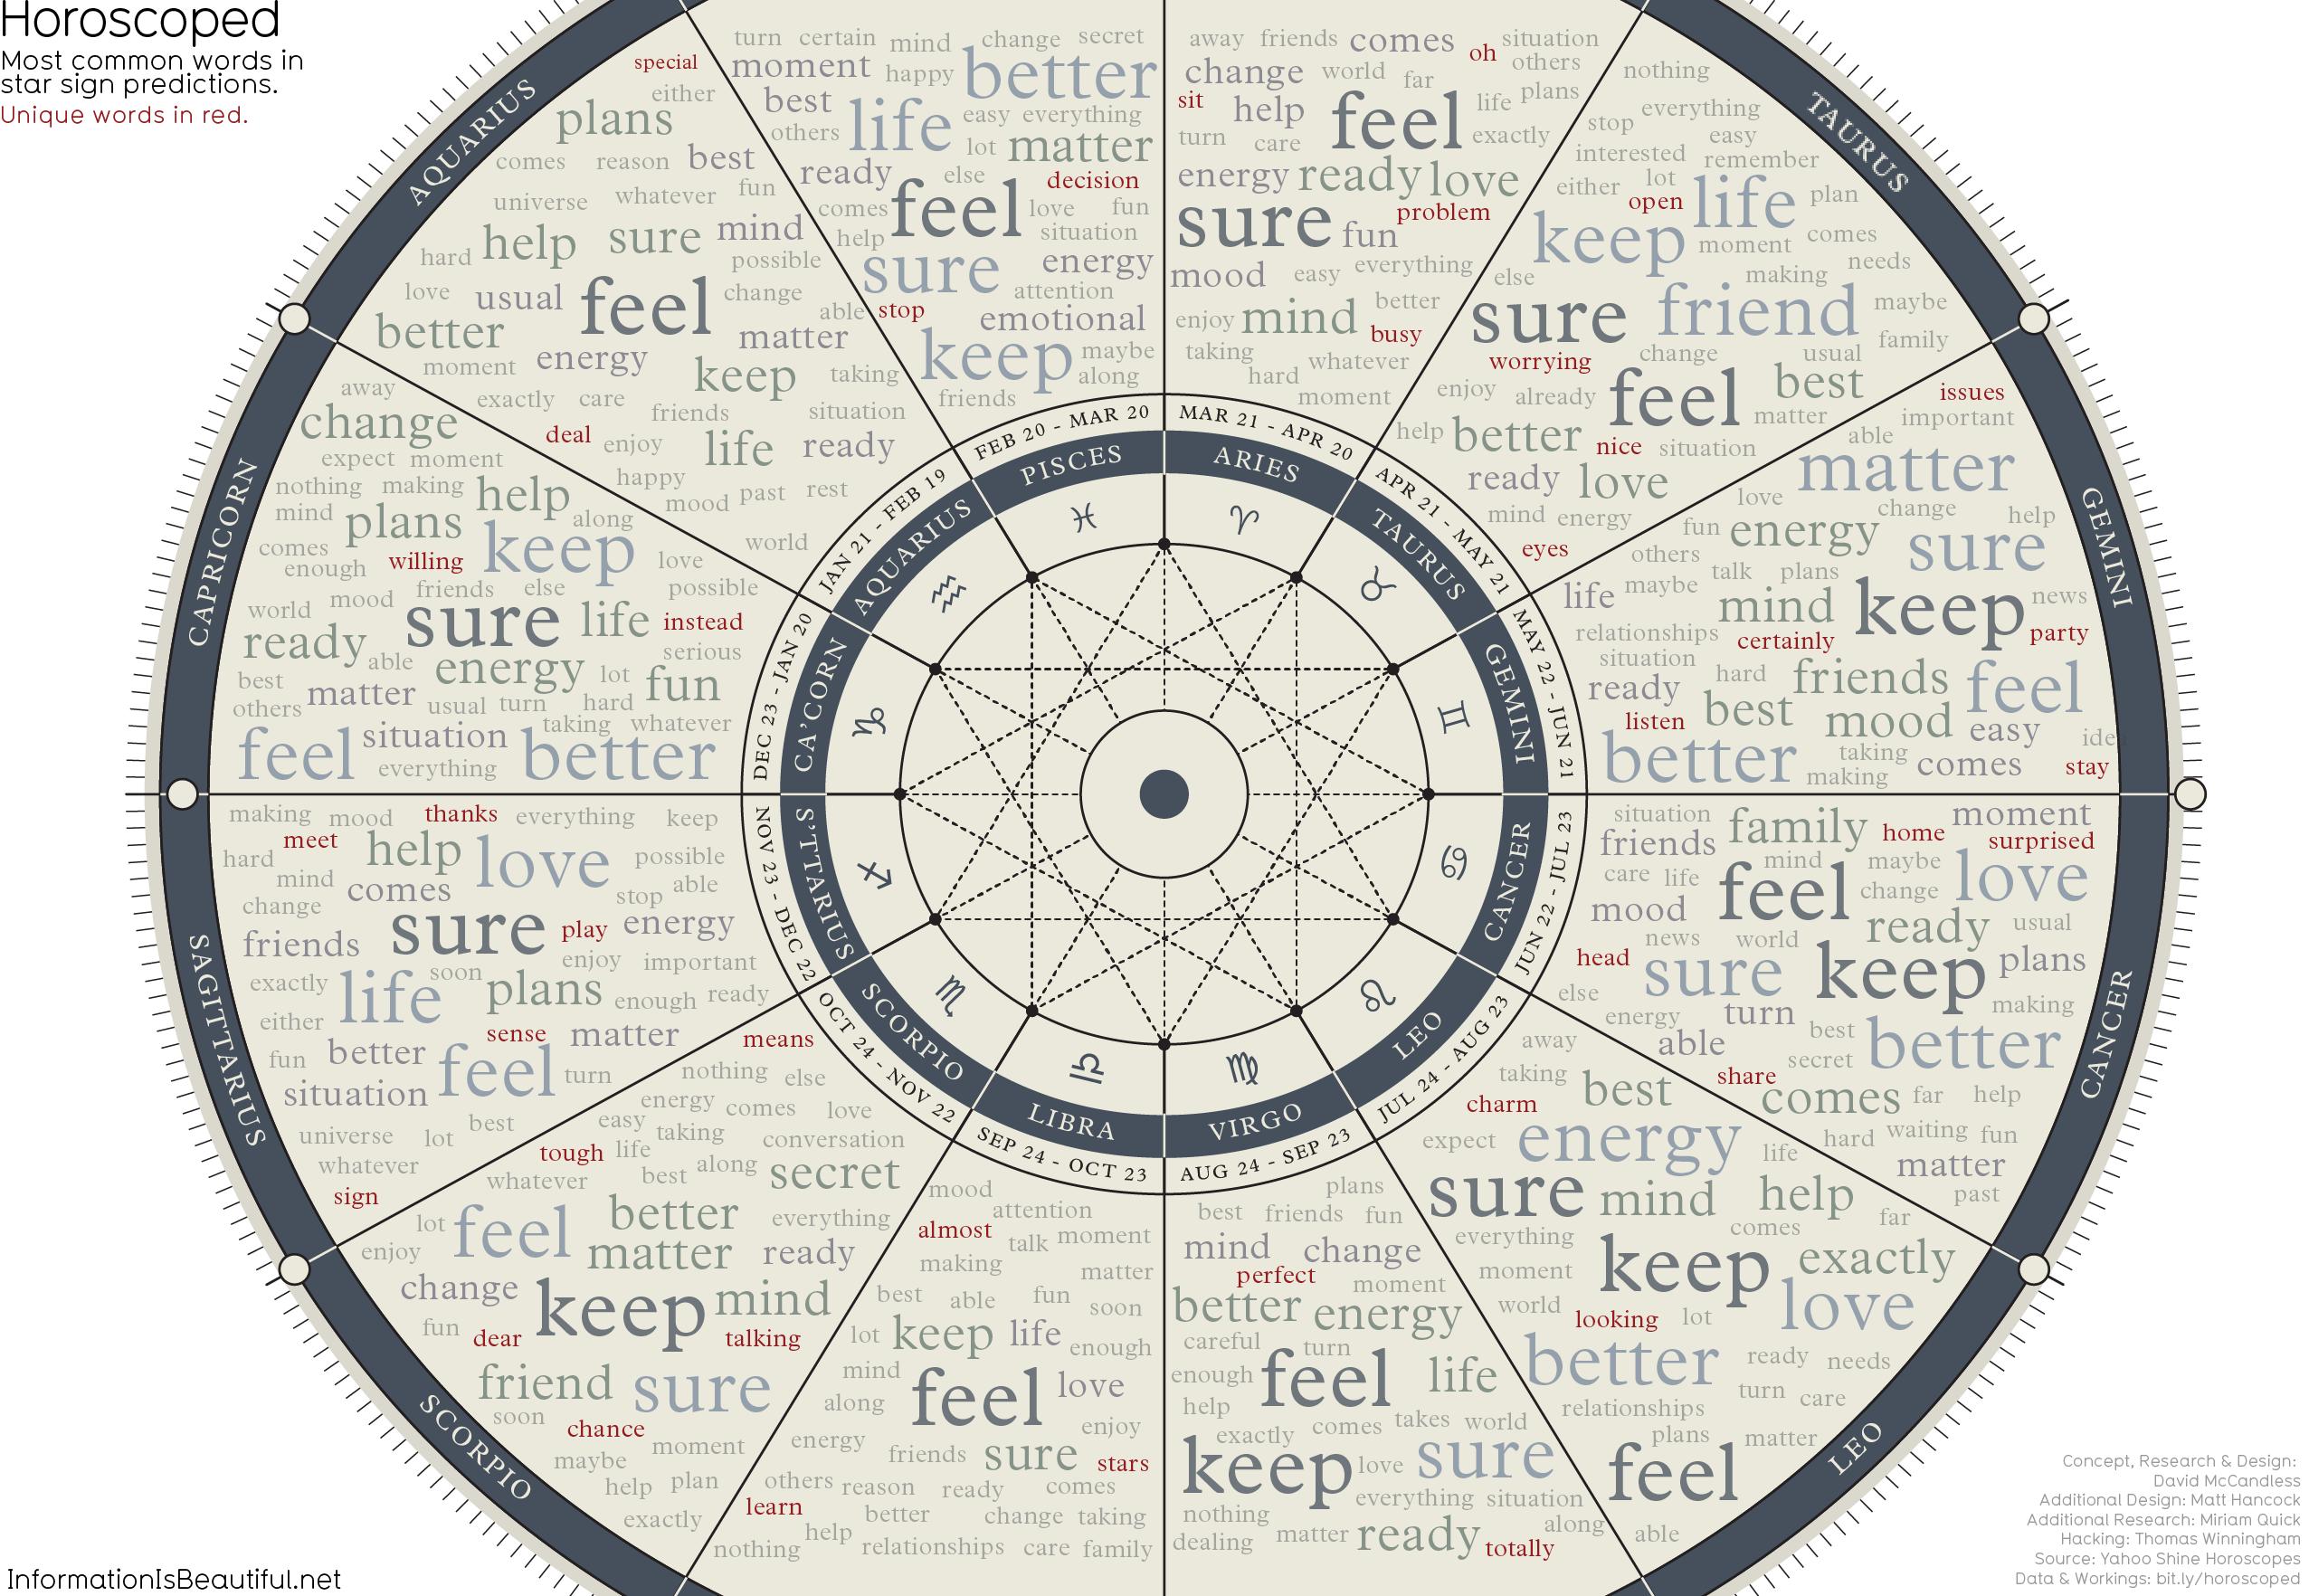 Most common zodiac sign